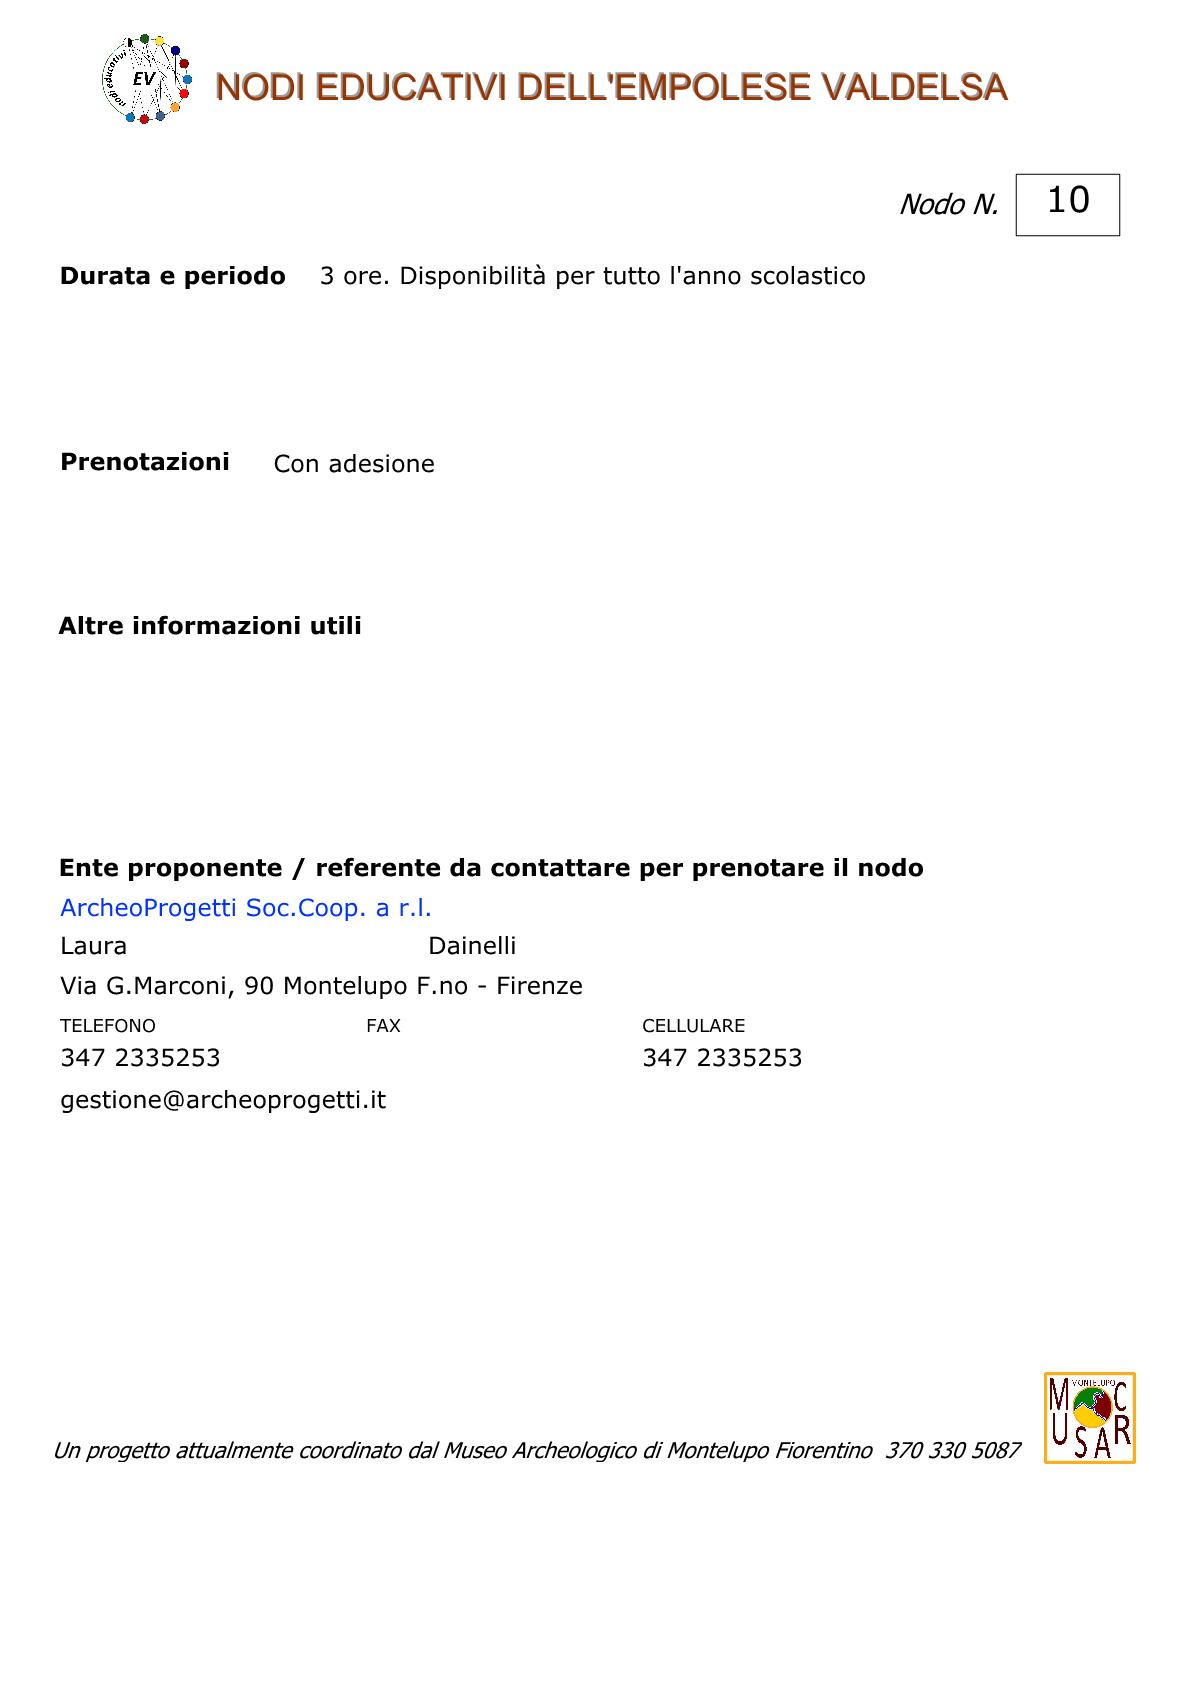 nodi-ev-161001-n-0103